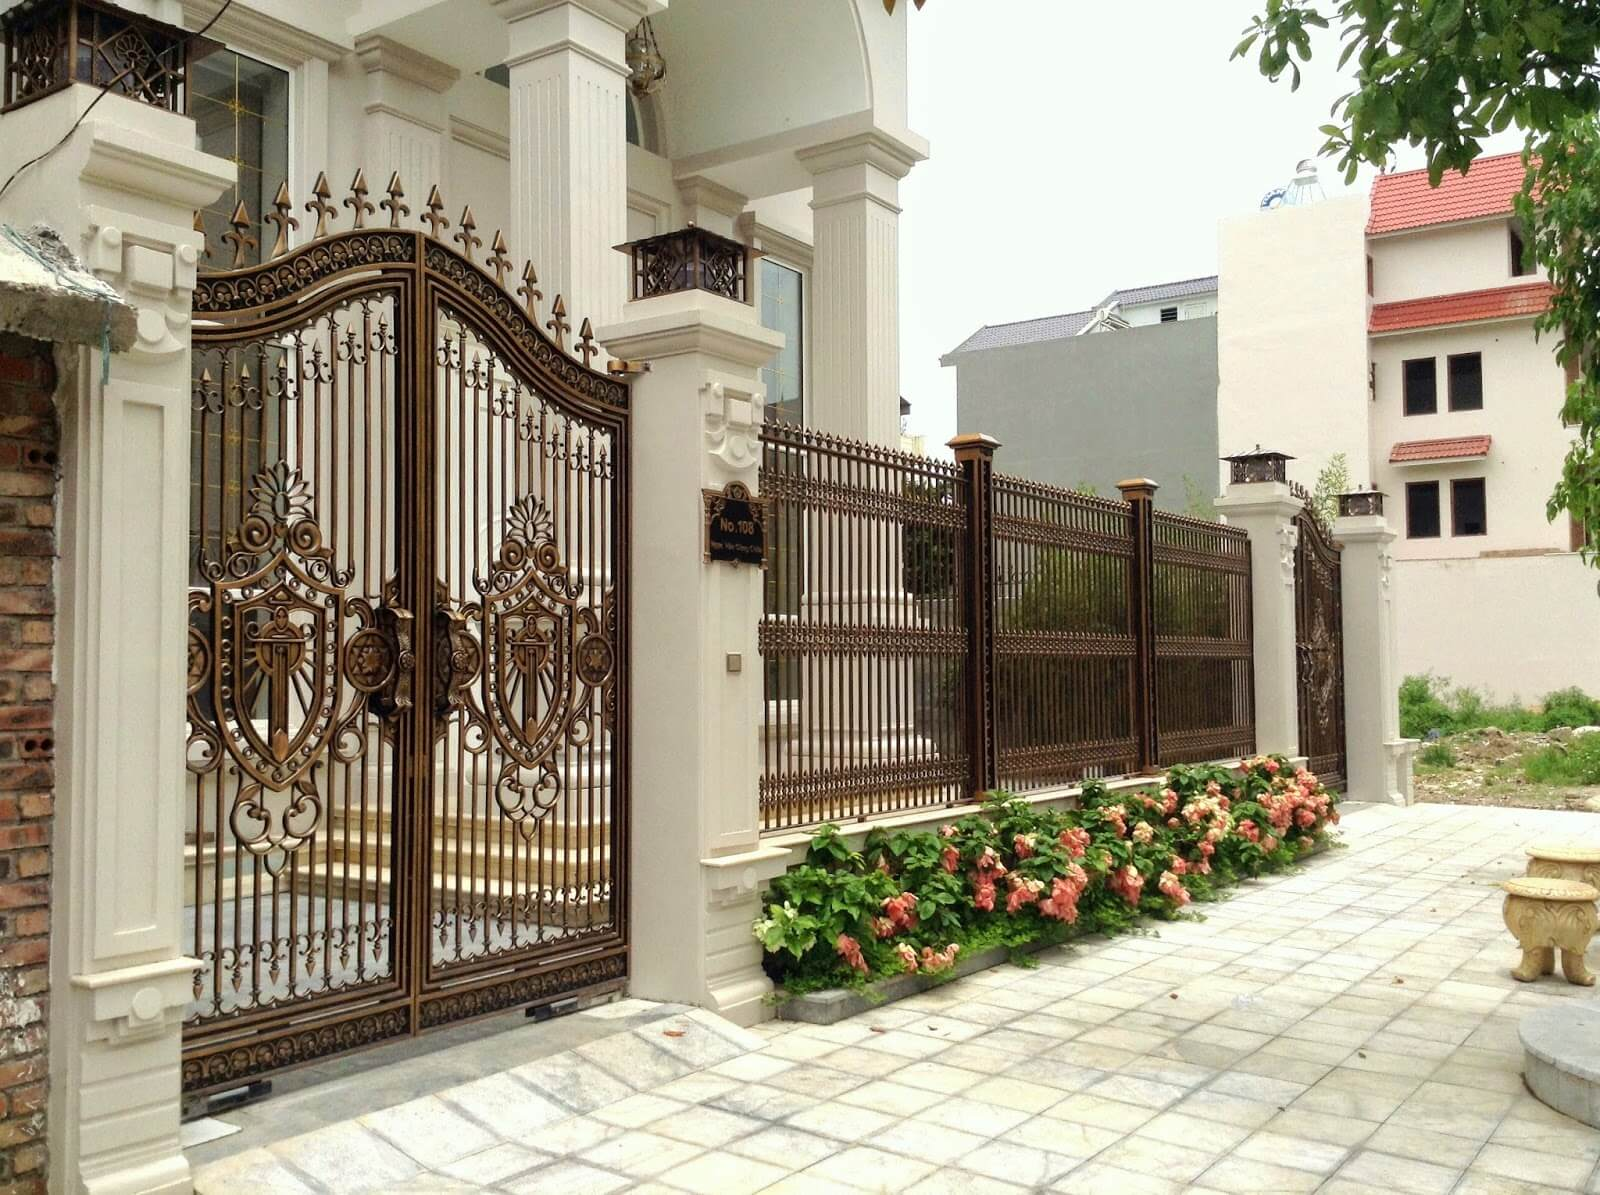 Hướng cổng và cửa chính đóng vai trò vô cùng quan trọng, quyết định thành bại của những thành viên trong gia đình